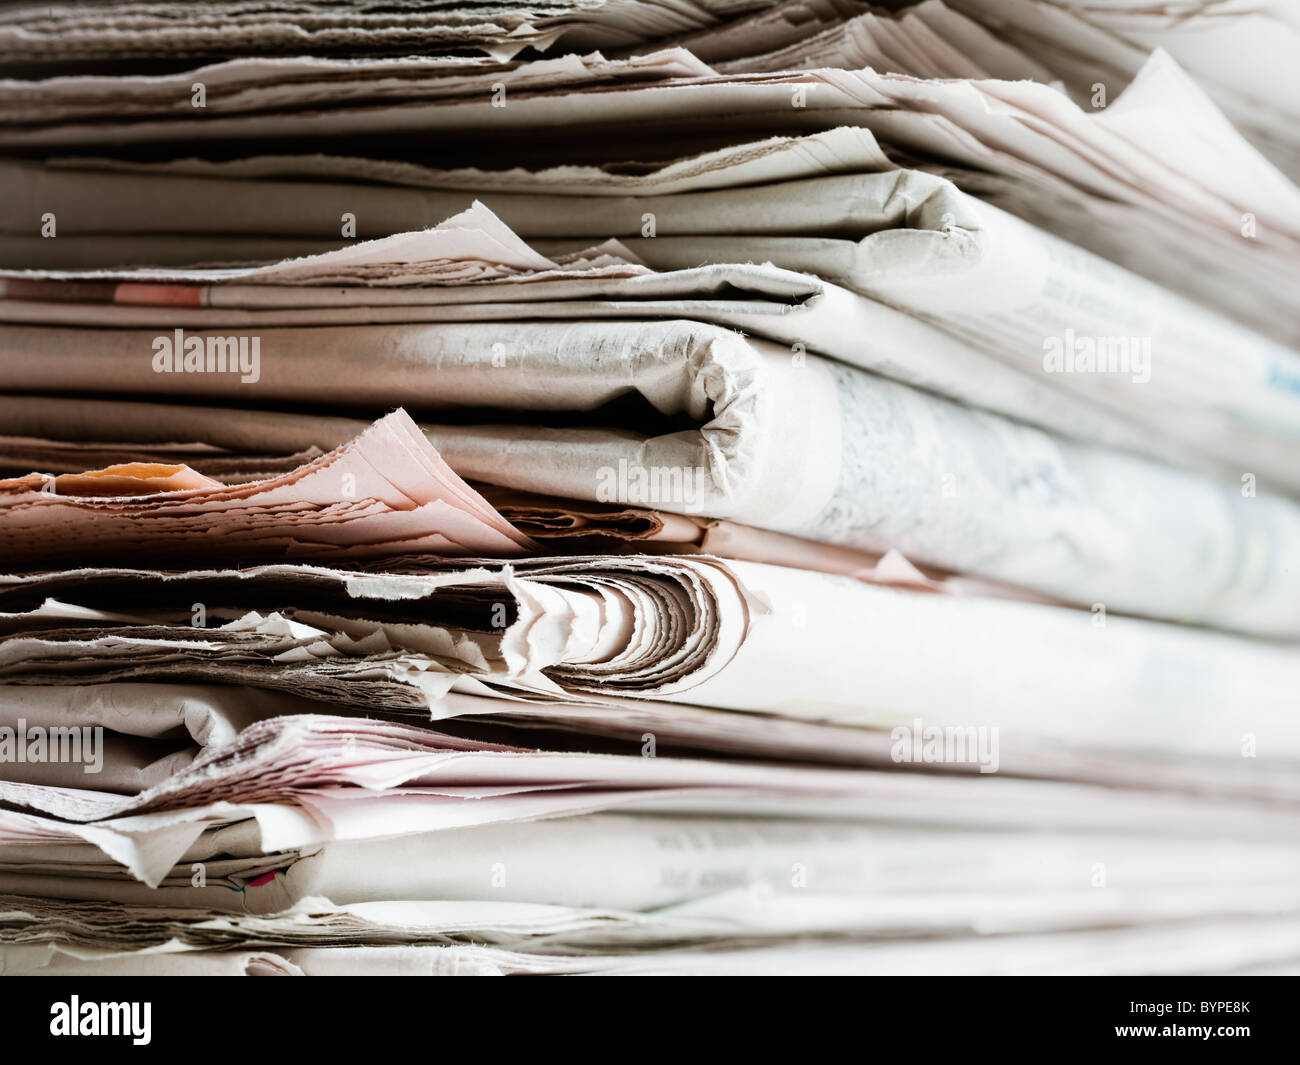 alte Zeitungen im Stapel. Textfreiraum Stockbild